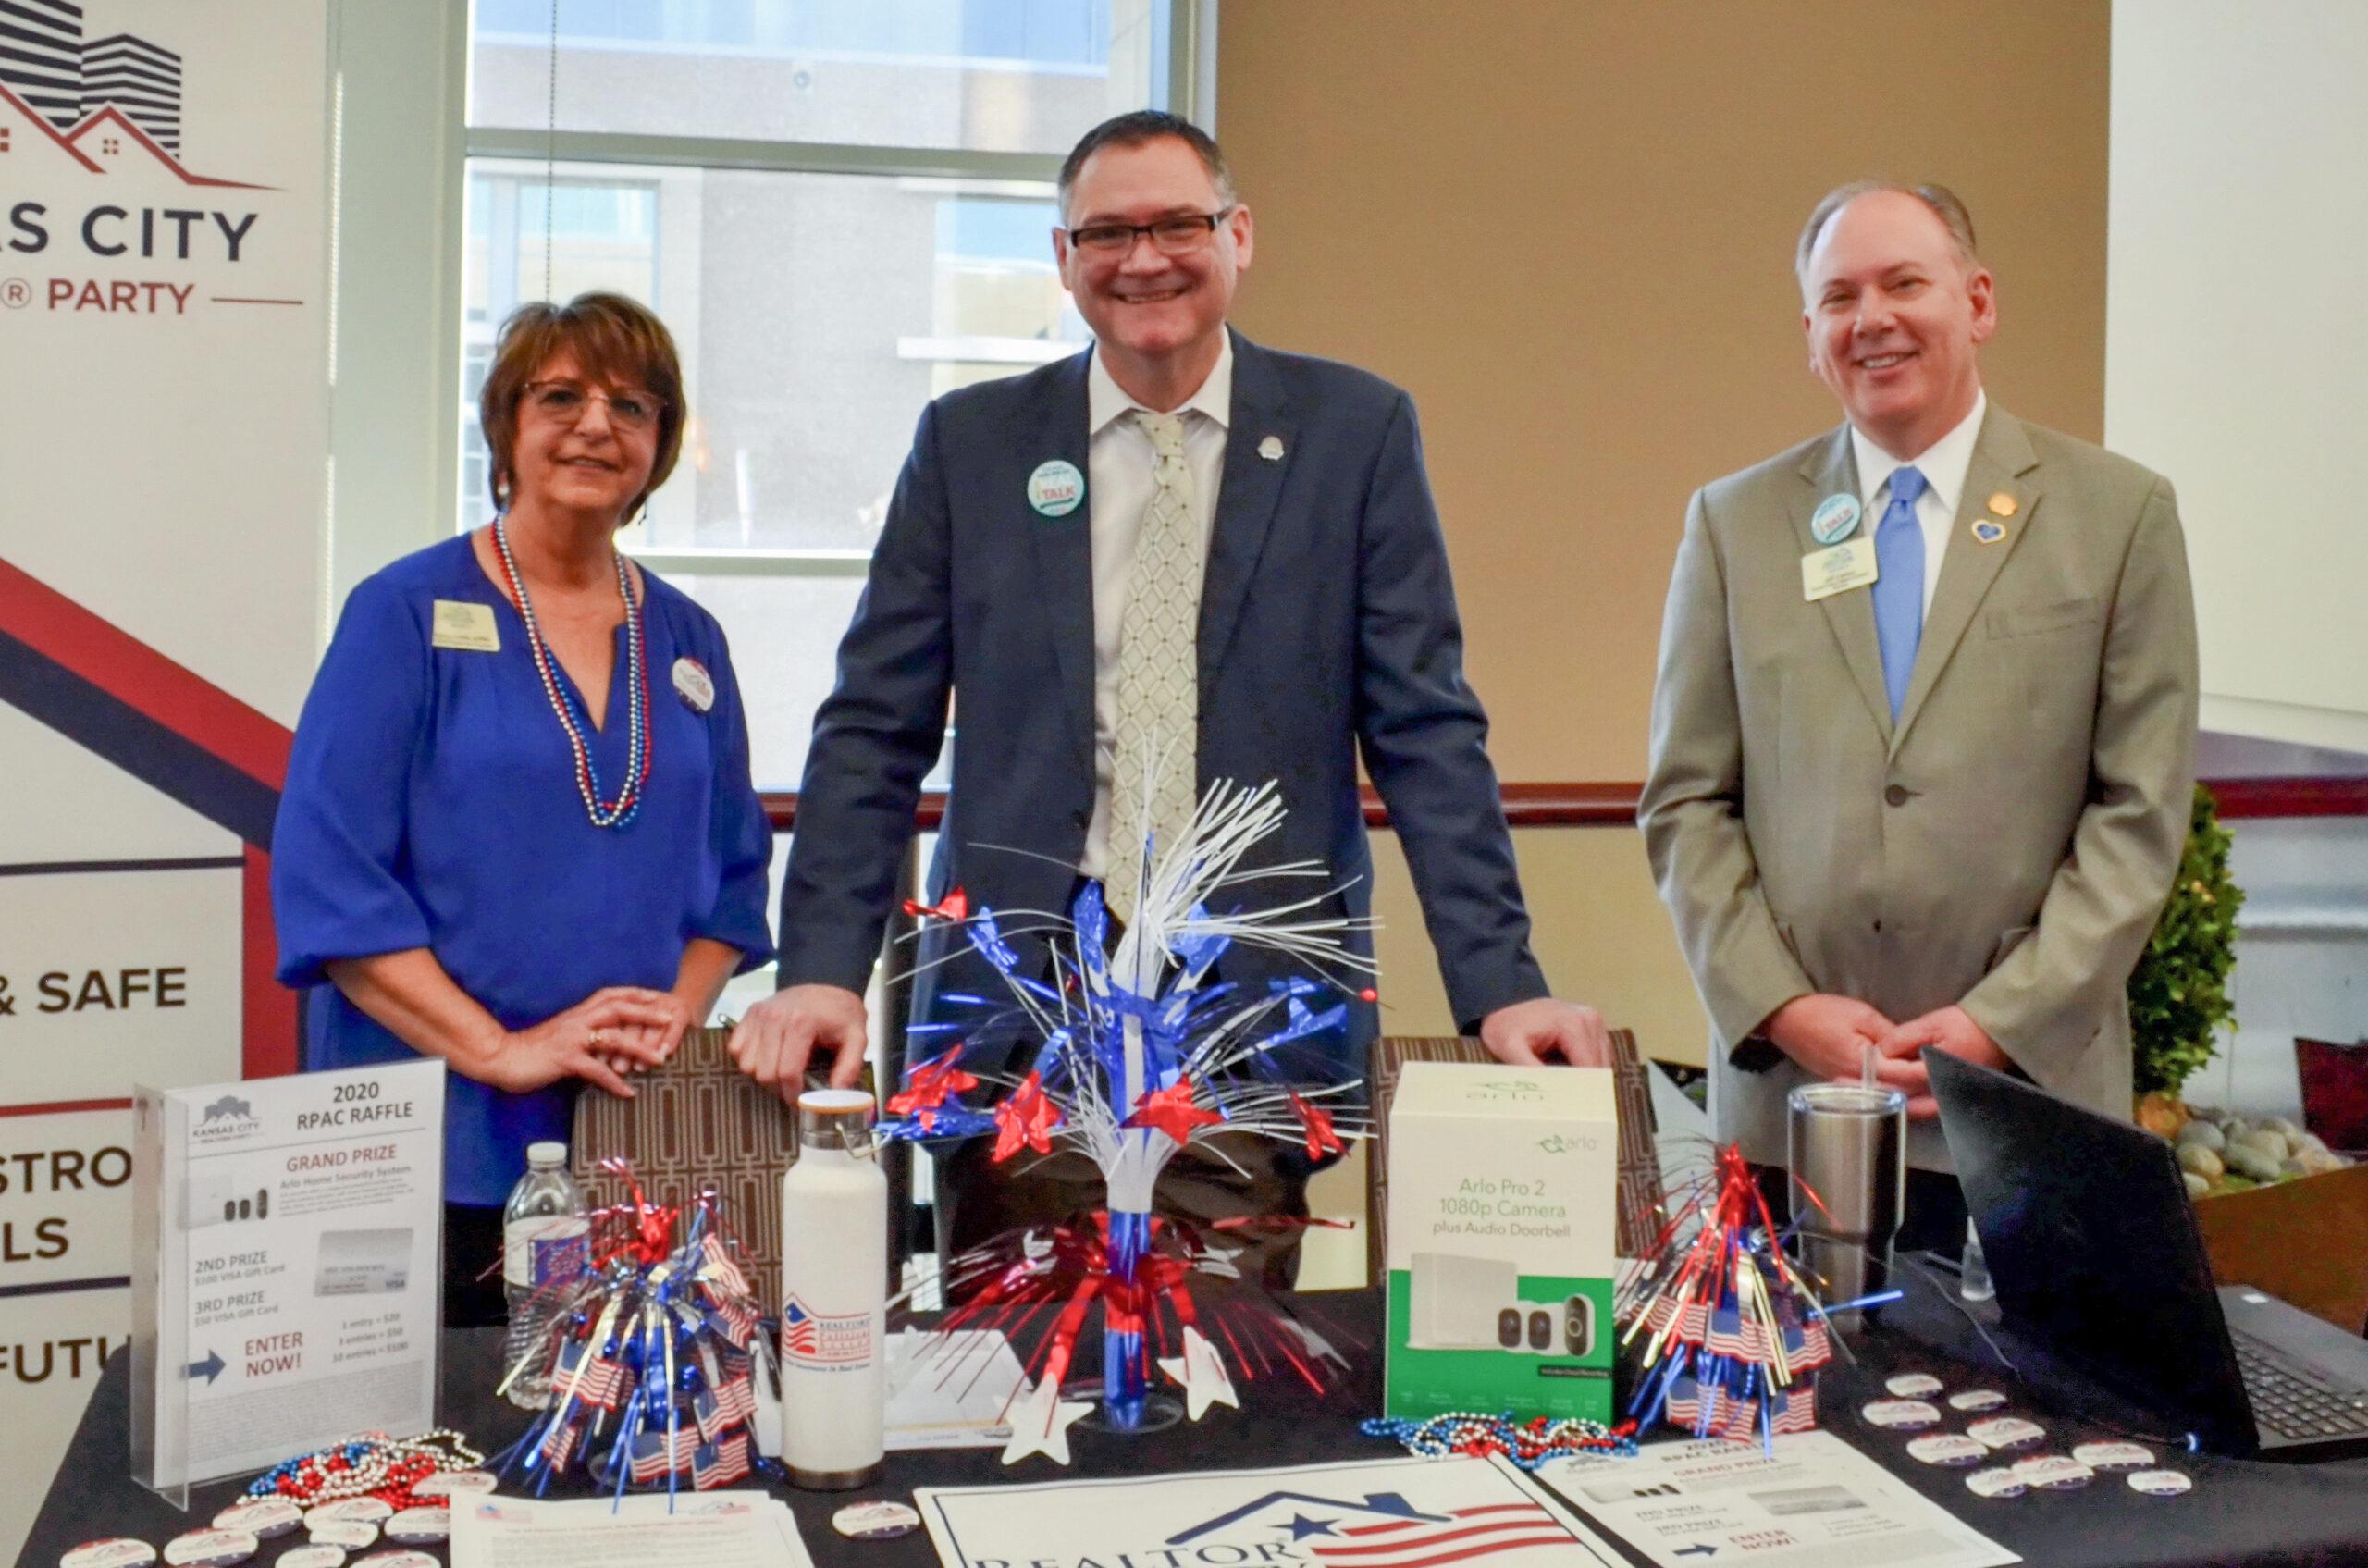 Nancy Davis, Derek Ramsay and Jeff Carson